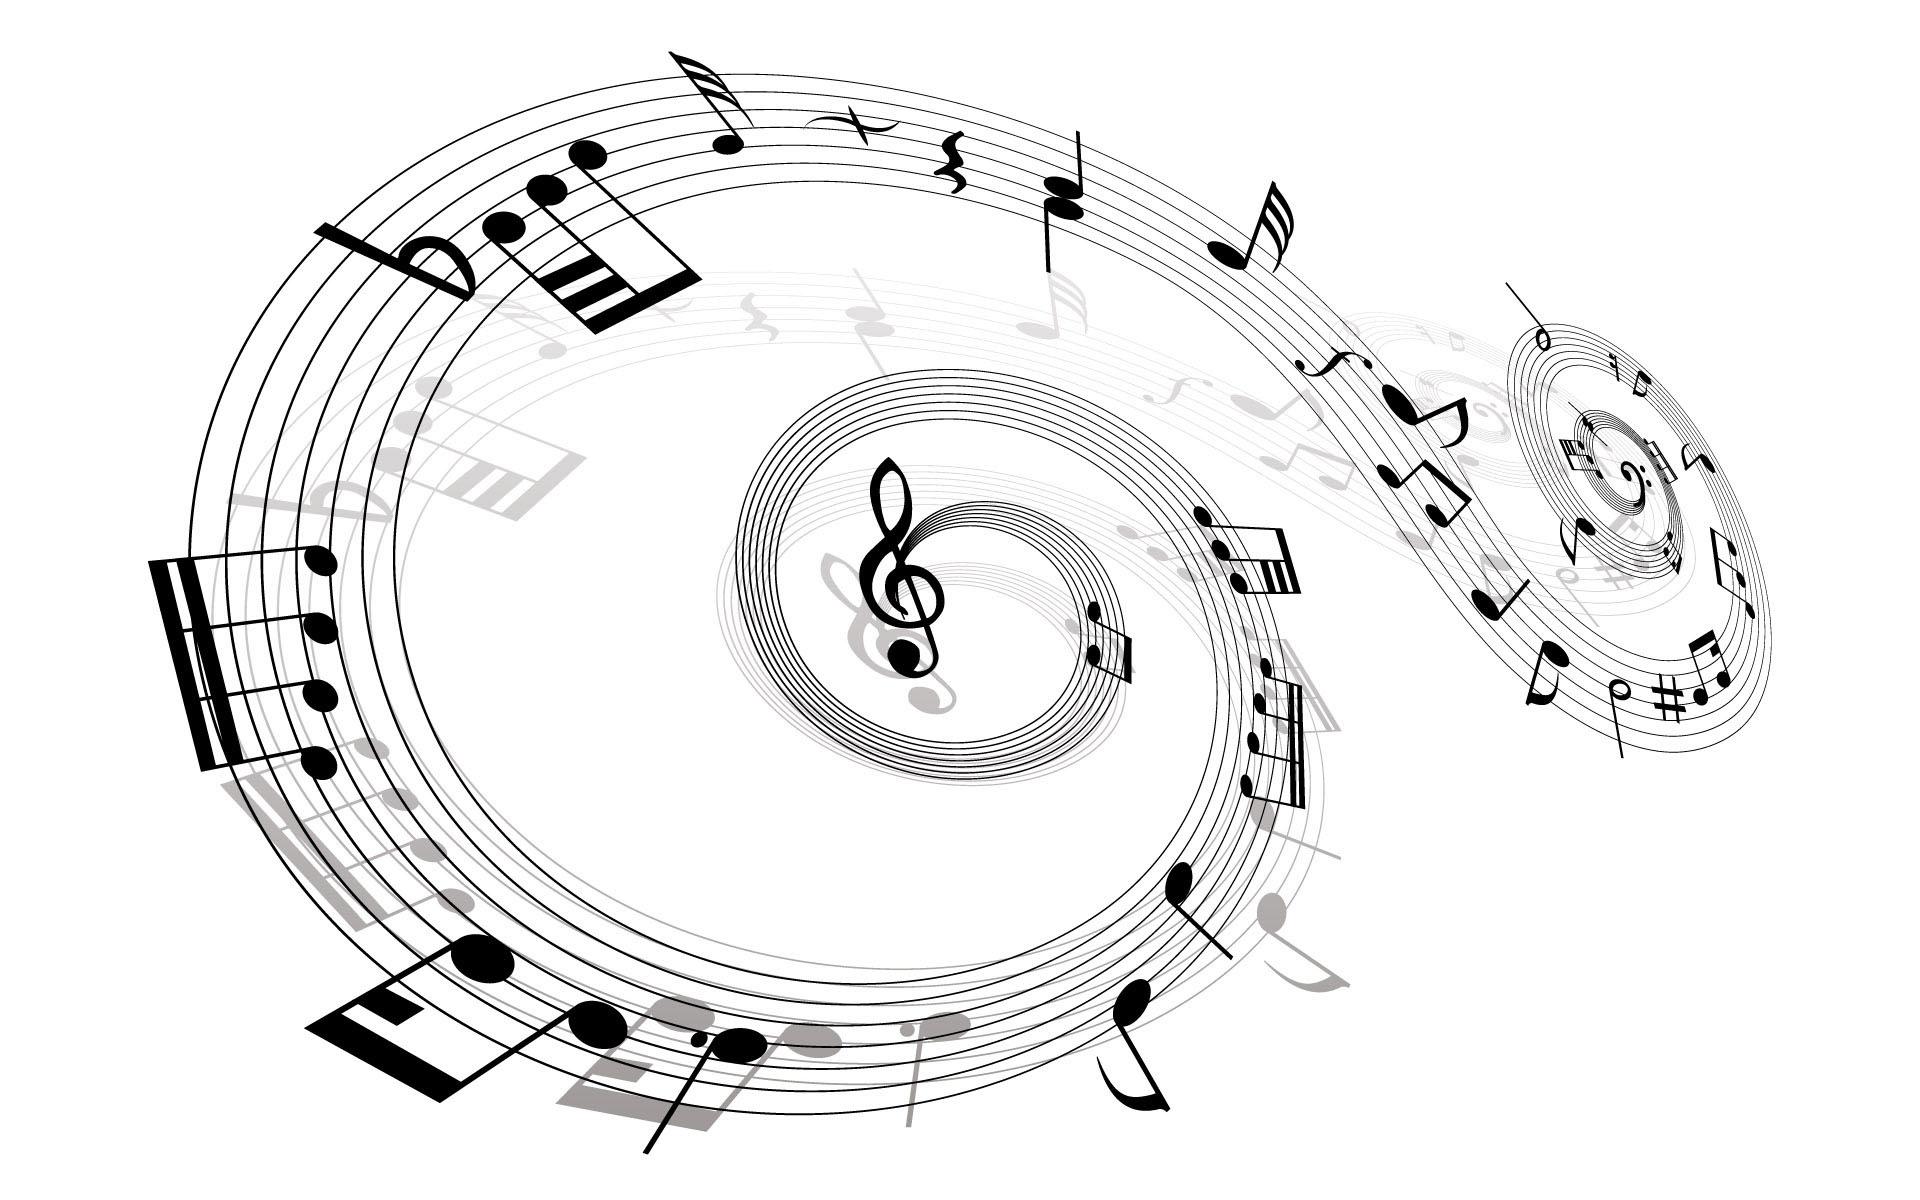 """奇妙的音符创意PPT背景图片免费下载是由PPT宝藏(www.pptbz.com)会员zengmin上传推荐的简约PPT背景图片, 更新时间为2017-01-20,素材编号120404。 用来记录不同长短的音的进行符号。有符头和符干,八分音符以及拍节更小的音符含符尾。音符包括三个组成部分,即符头、符干和符尾。 音符按照时值划分通常有以下几种 1、全音符:没有符干和符尾的空心的白色音符叫""""全音符""""。它是音符家族的老大哥,其他音符的时值都比它短,而且要以它为准。依次分为两半。 2、二分音"""